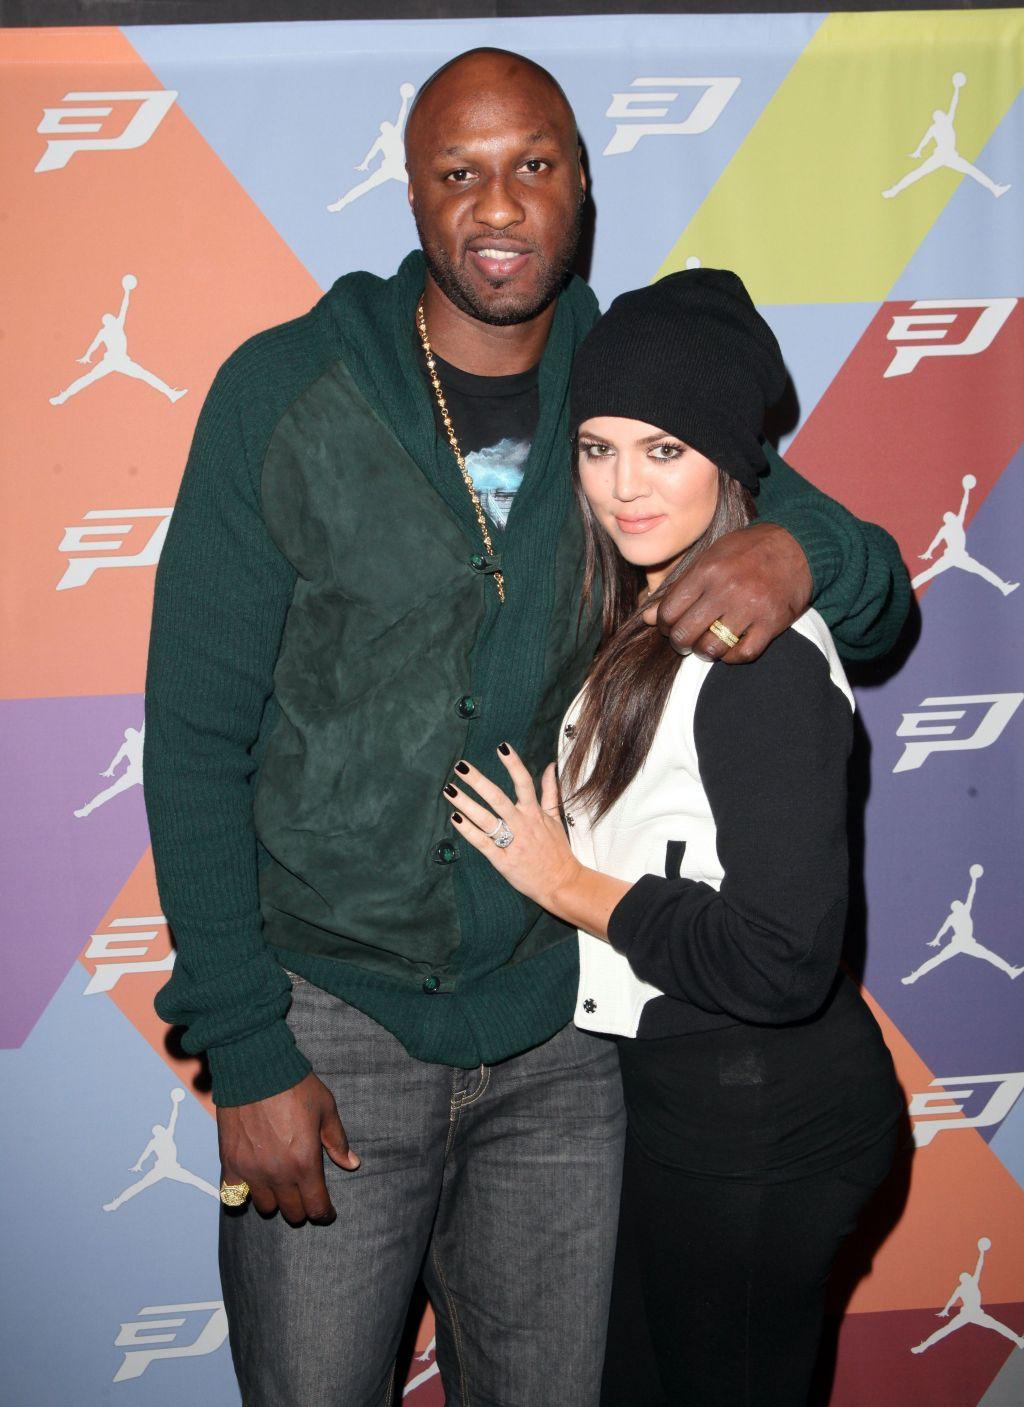 Khloe Kardashian, ex husband Lamar Odom